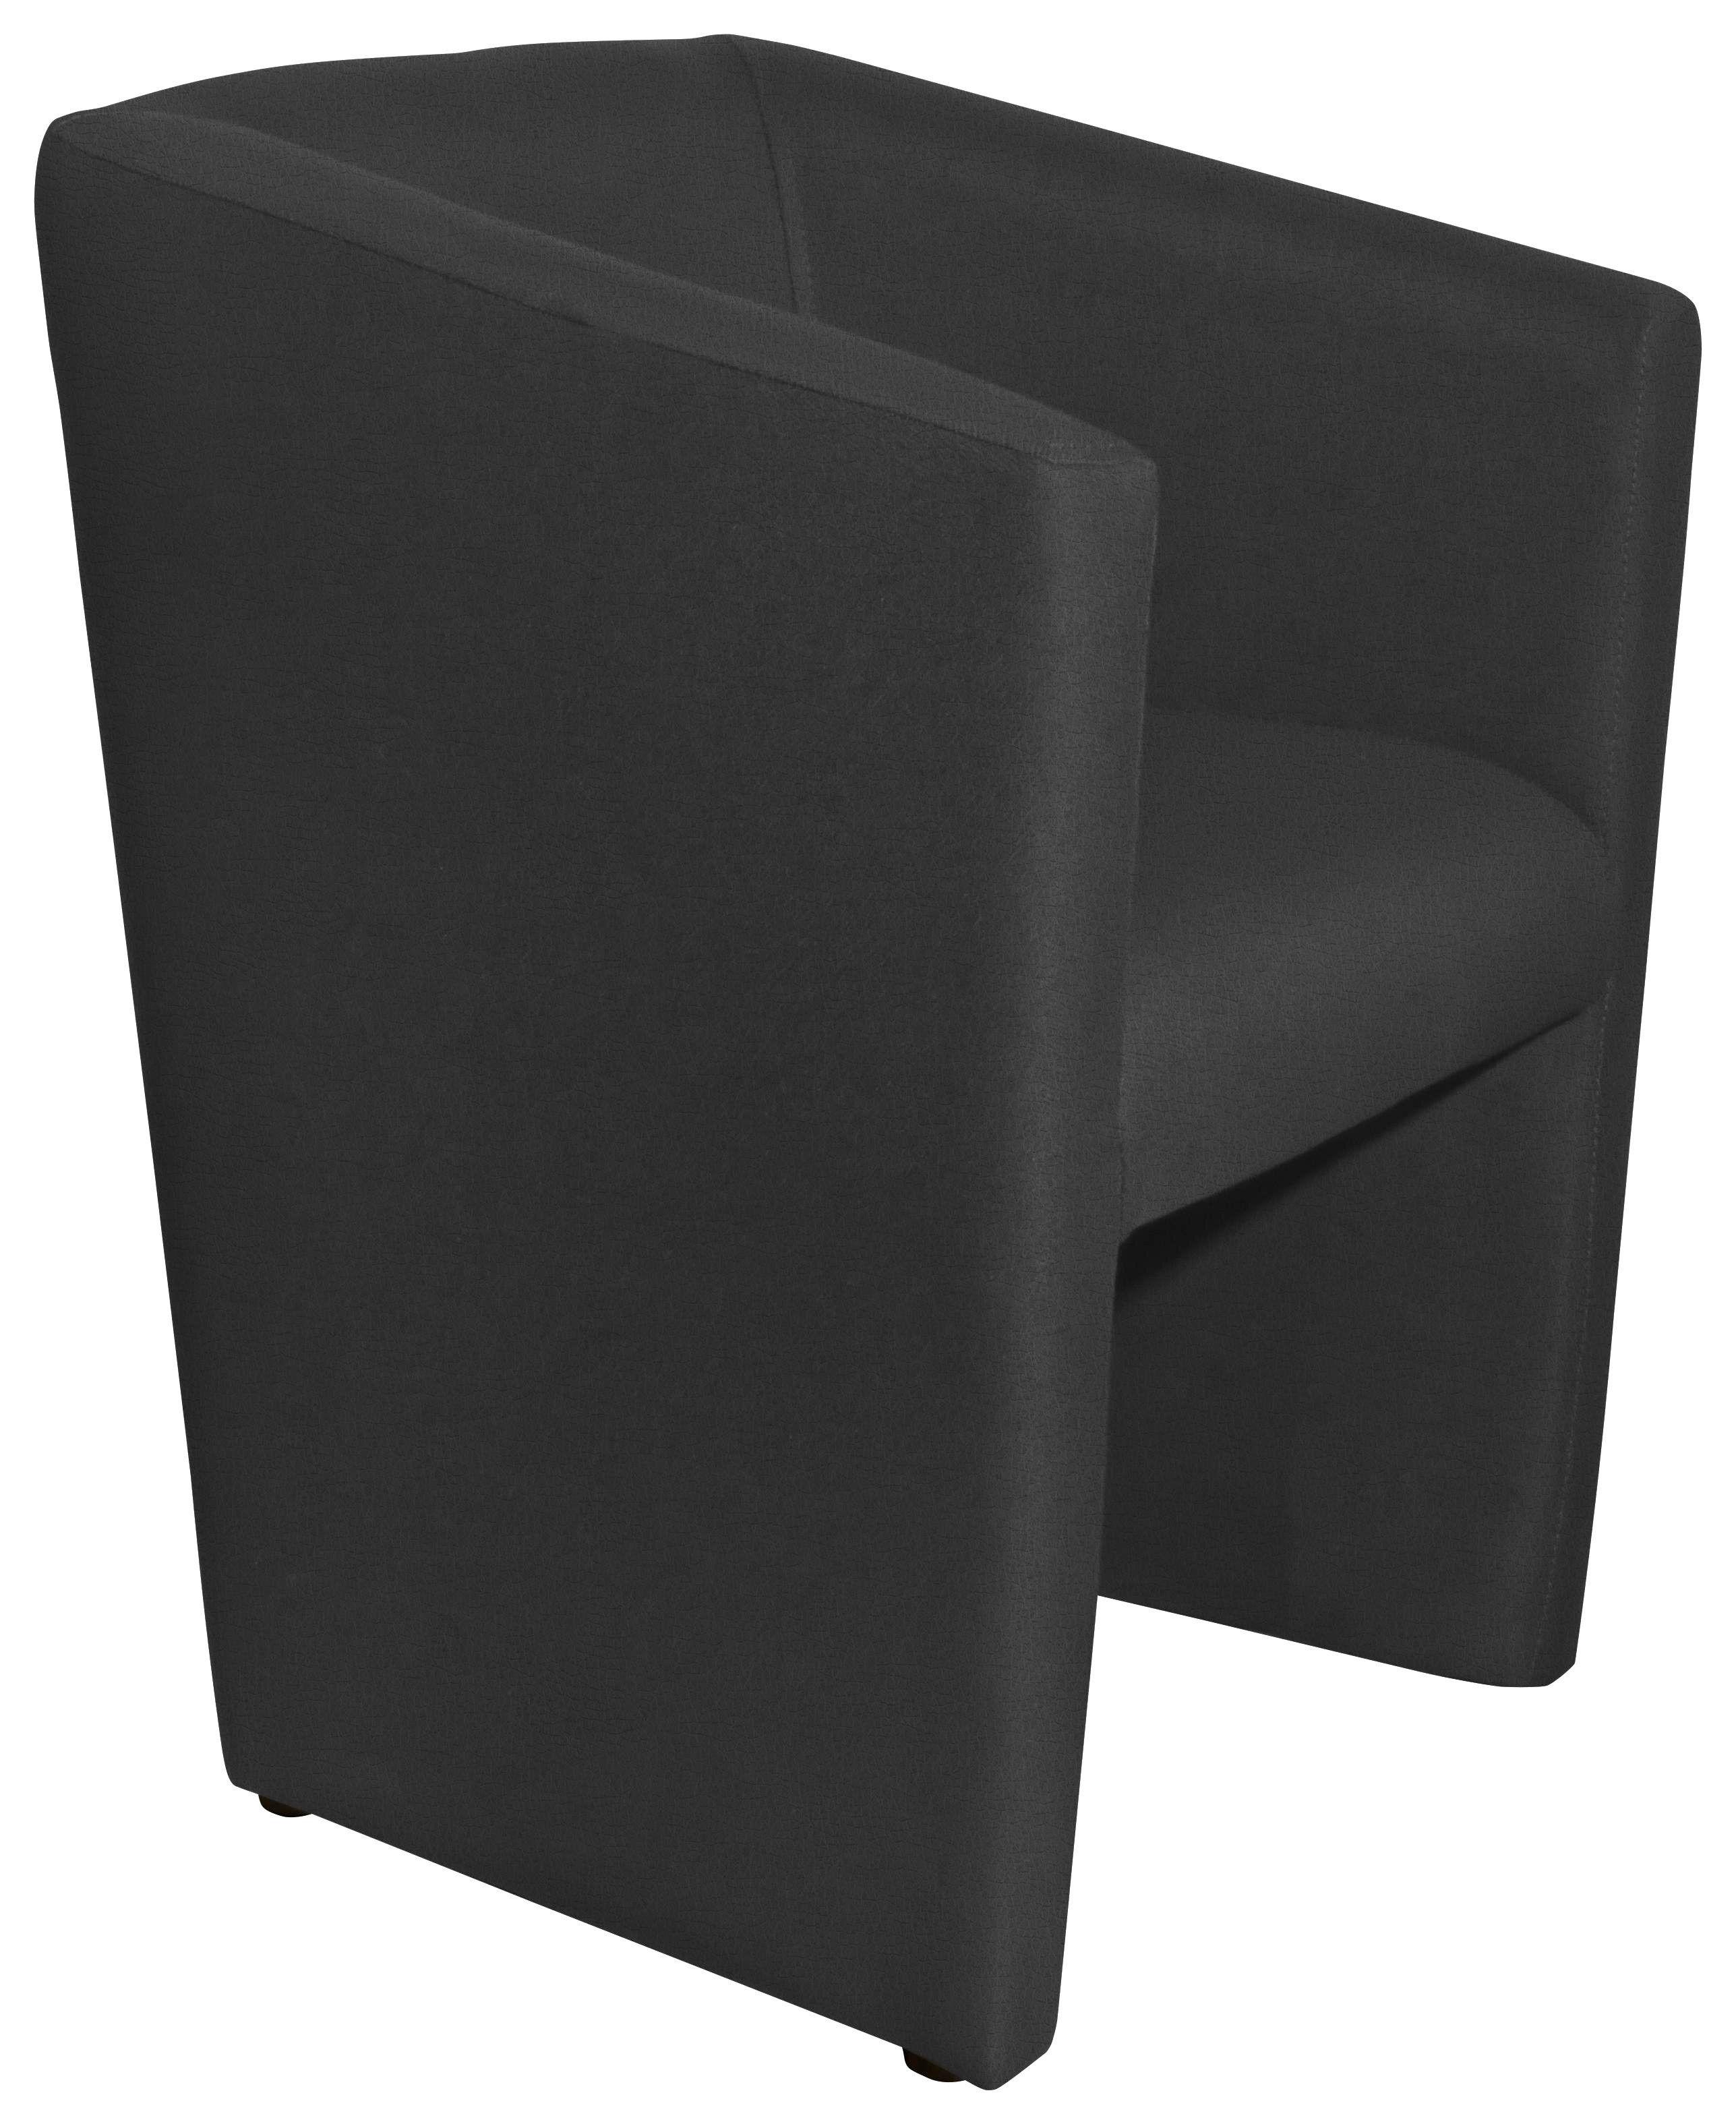 SESSEL in Textil Schwarz - Schwarz, Design, Kunststoff/Textil (58/72/52cm) - Hom`in